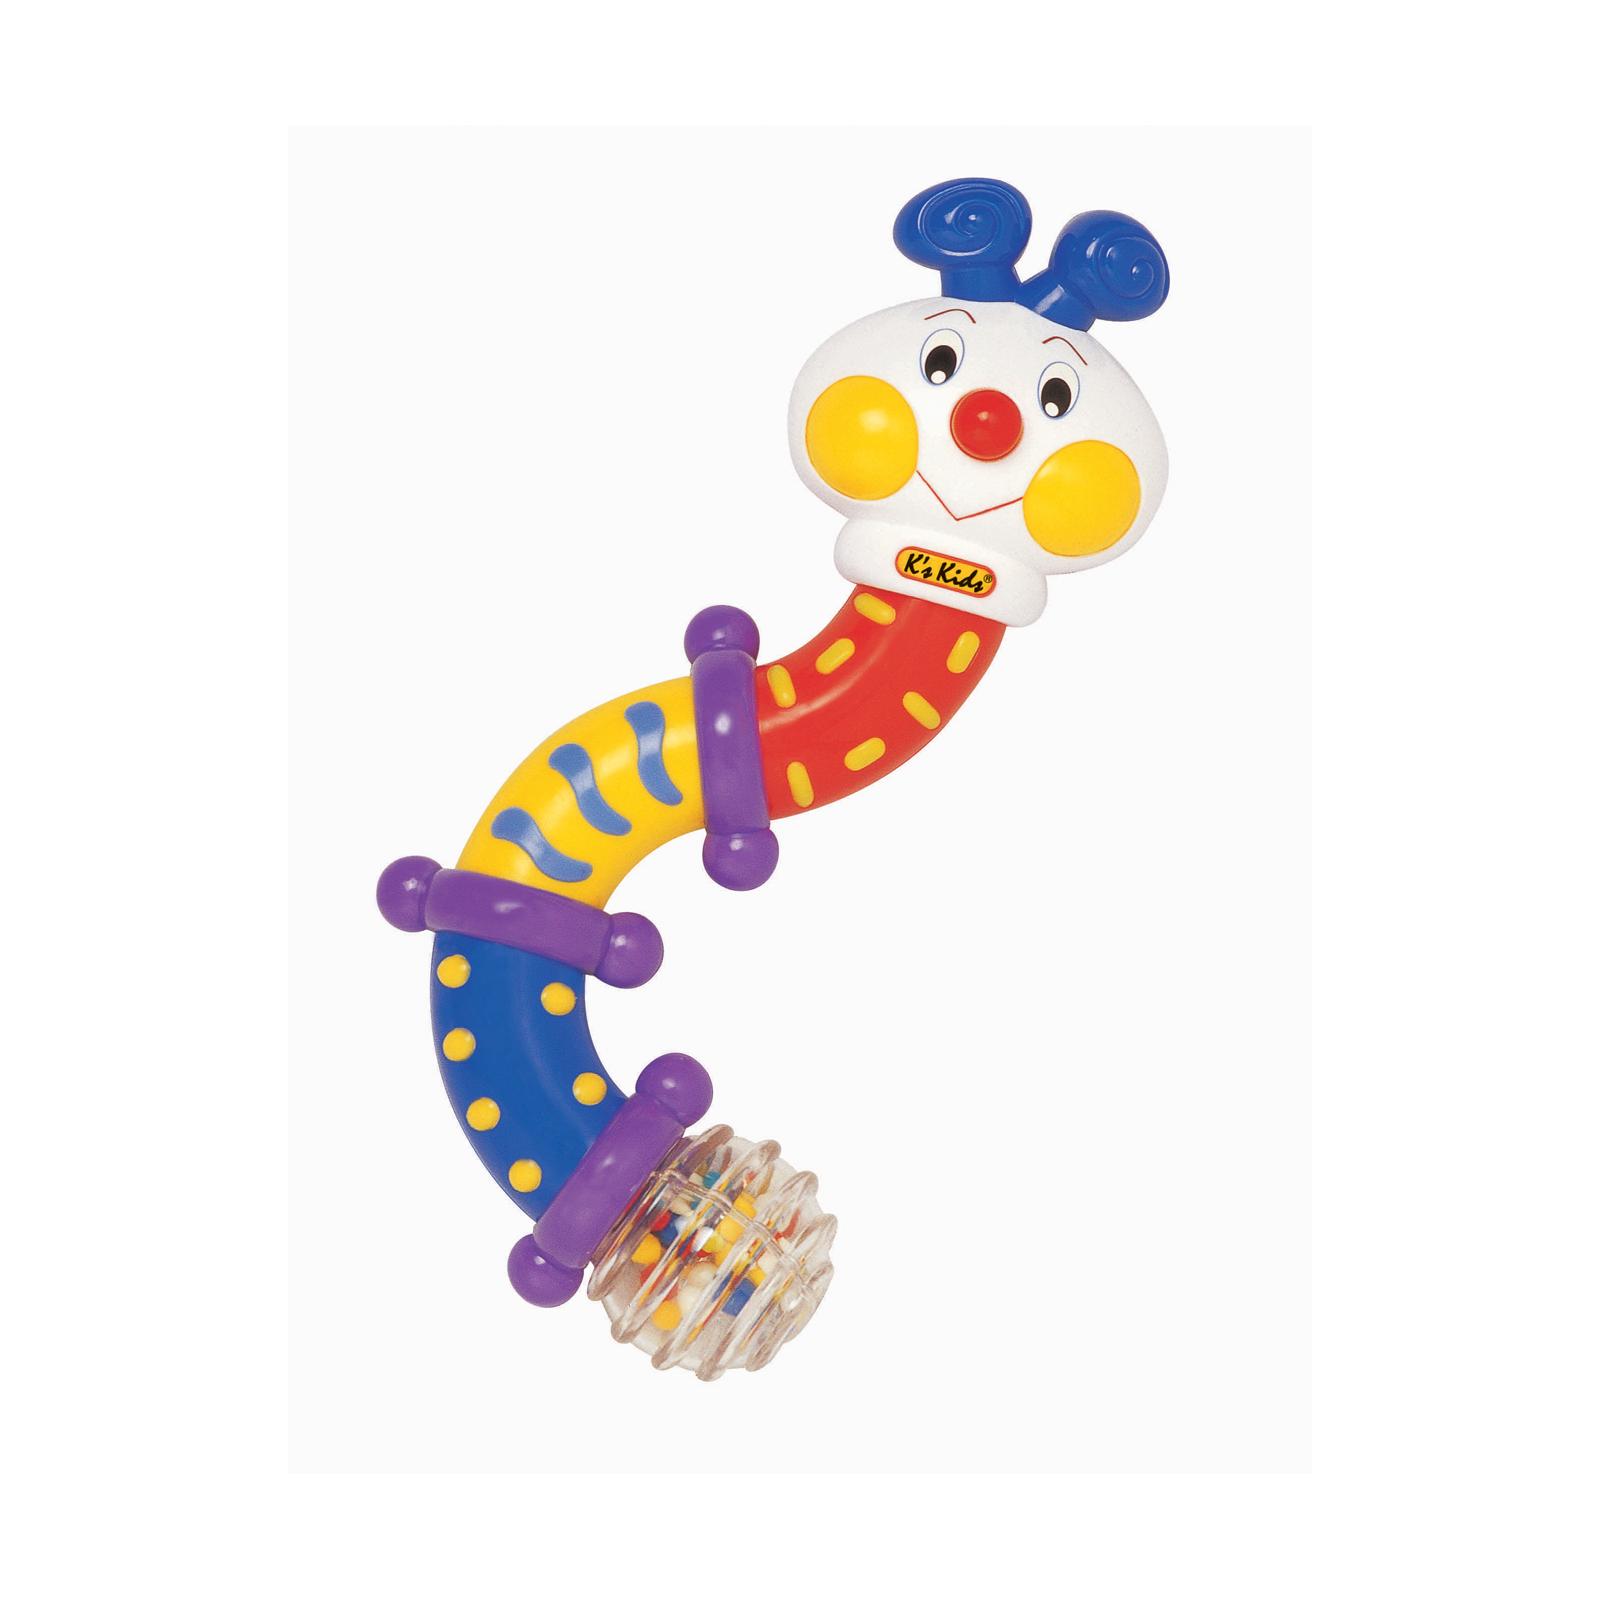 Развивающая игрушка K&amp;#039;s Kids Гусеница<br>